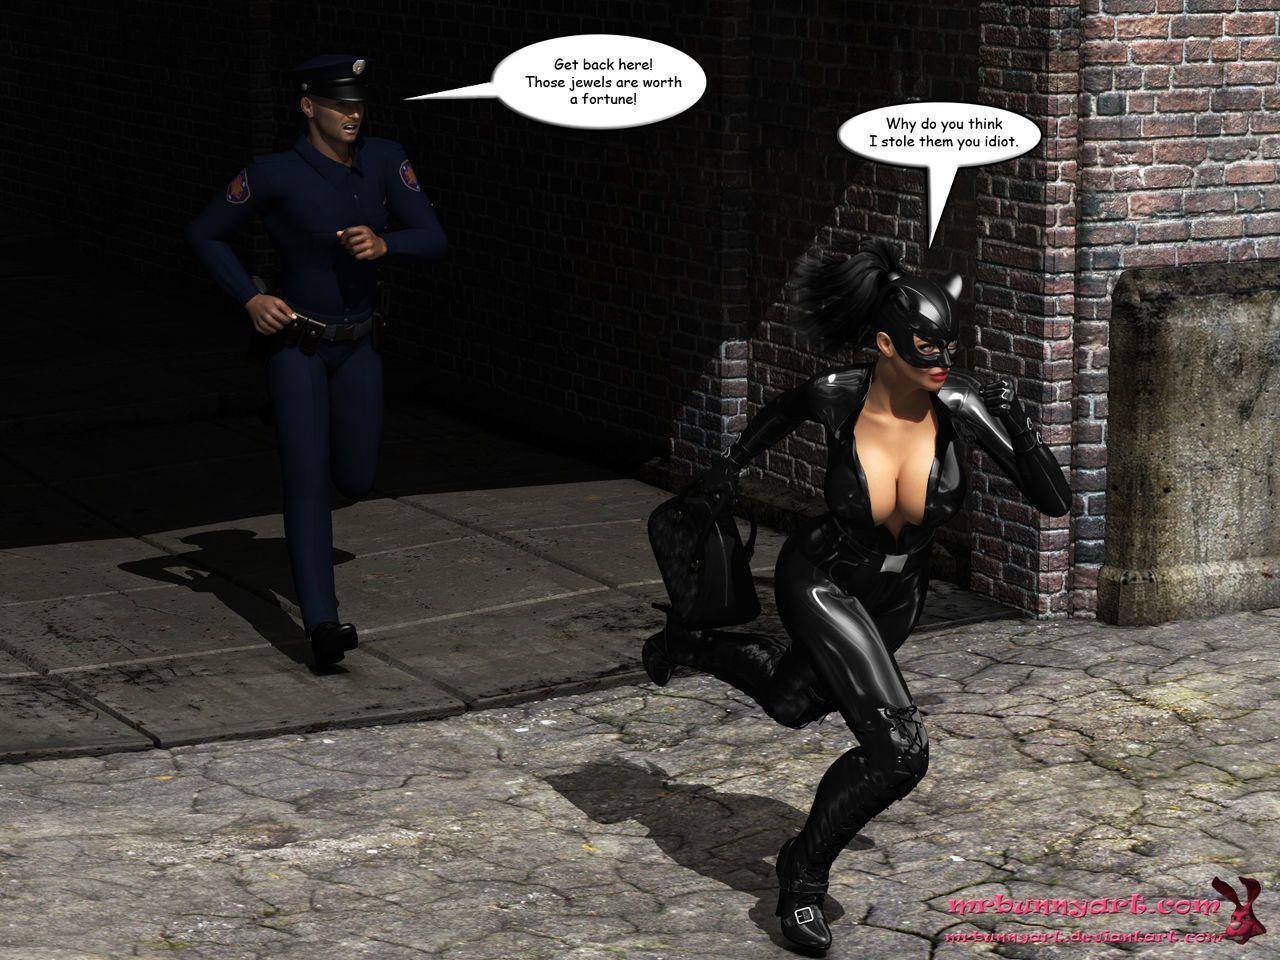 [MrBunnyArt] Batgirl vs Cain (Batman) [English]